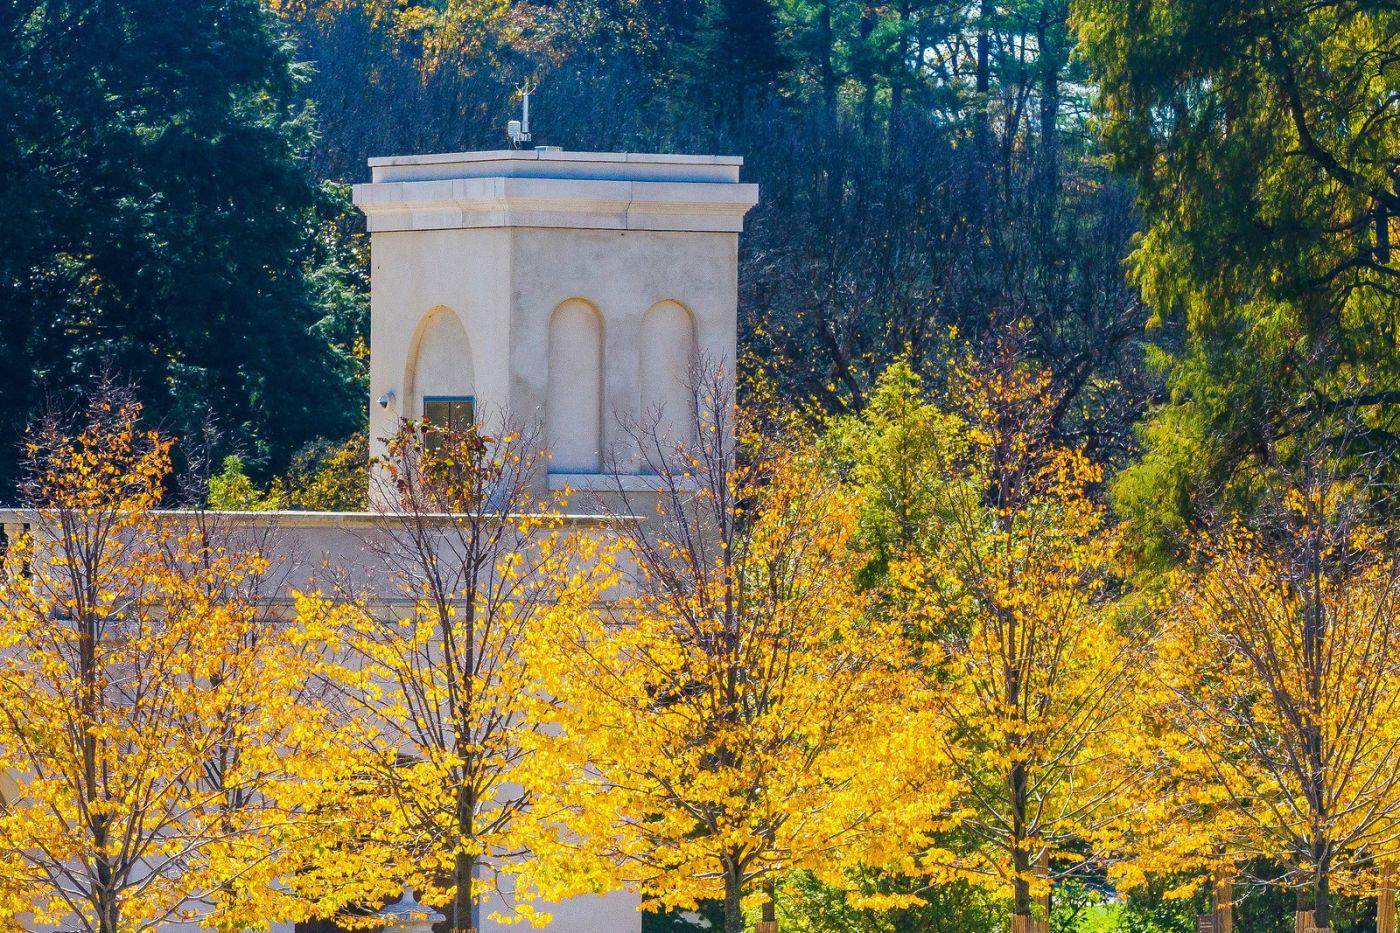 宾州长木公园,熟悉的景色_图1-40